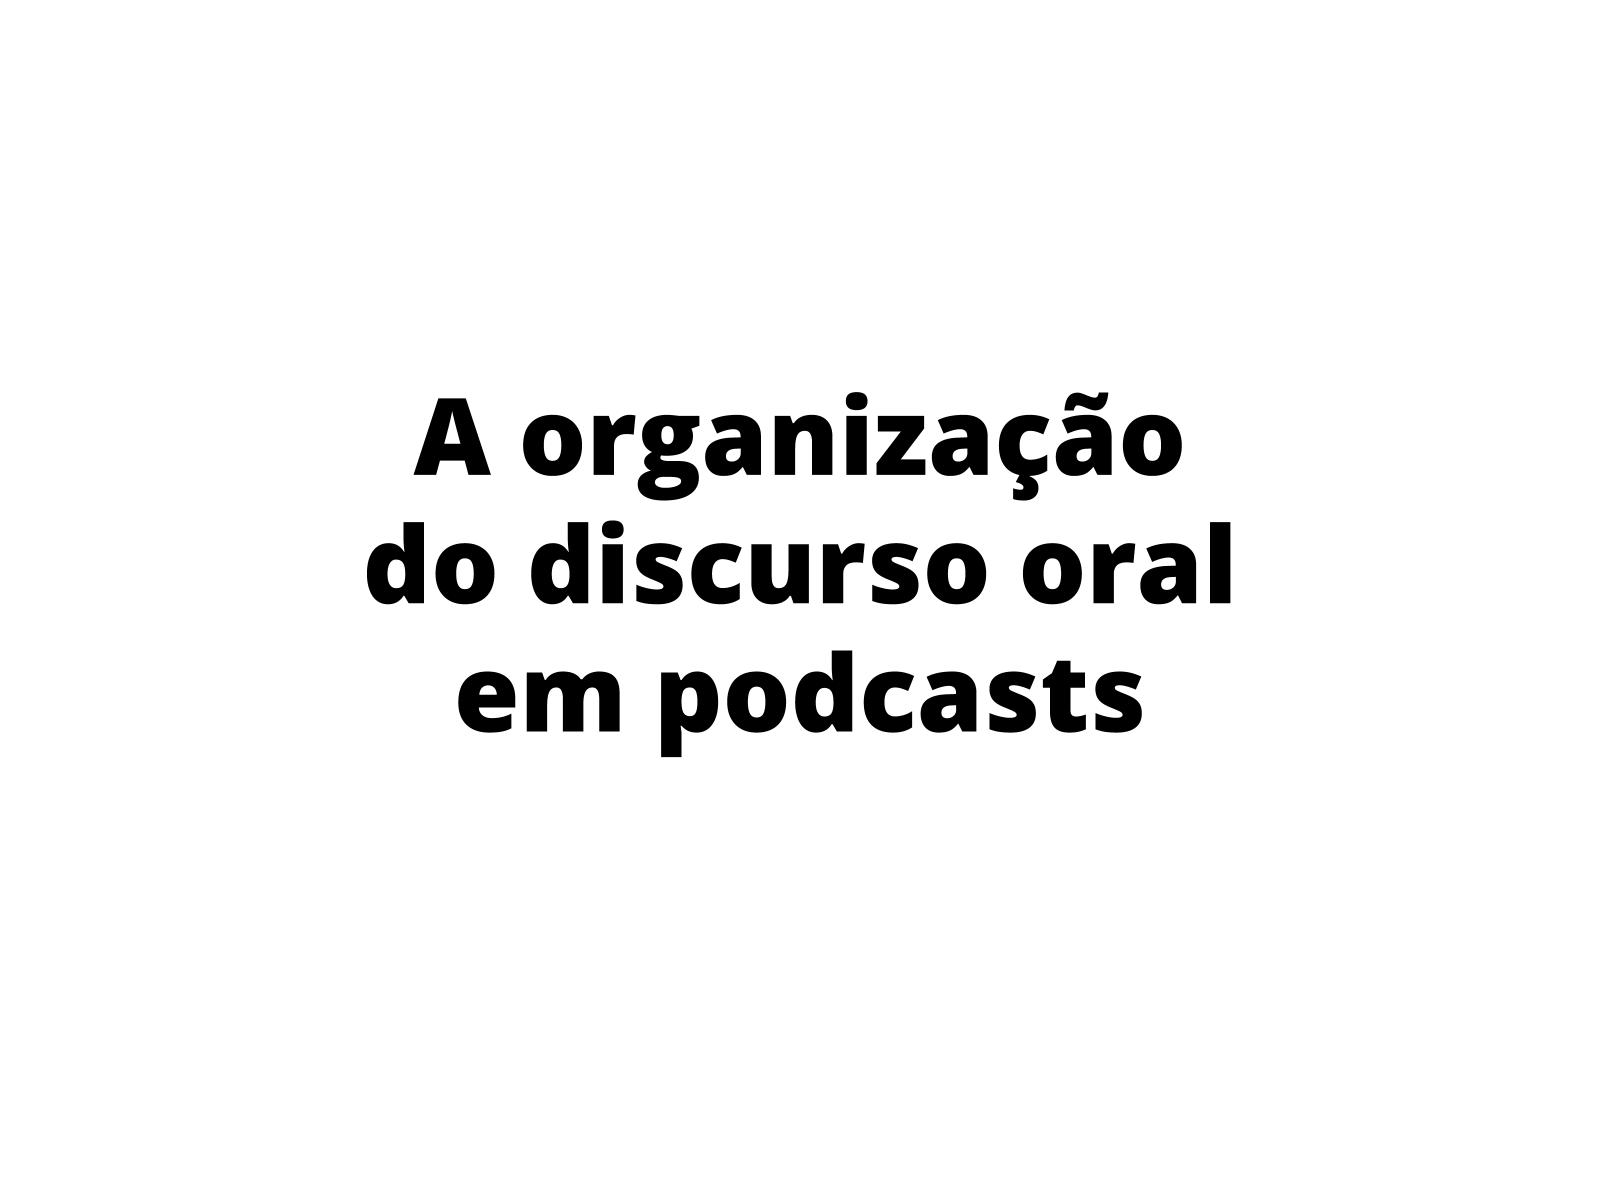 A organização do discurso oral no gênero podcast